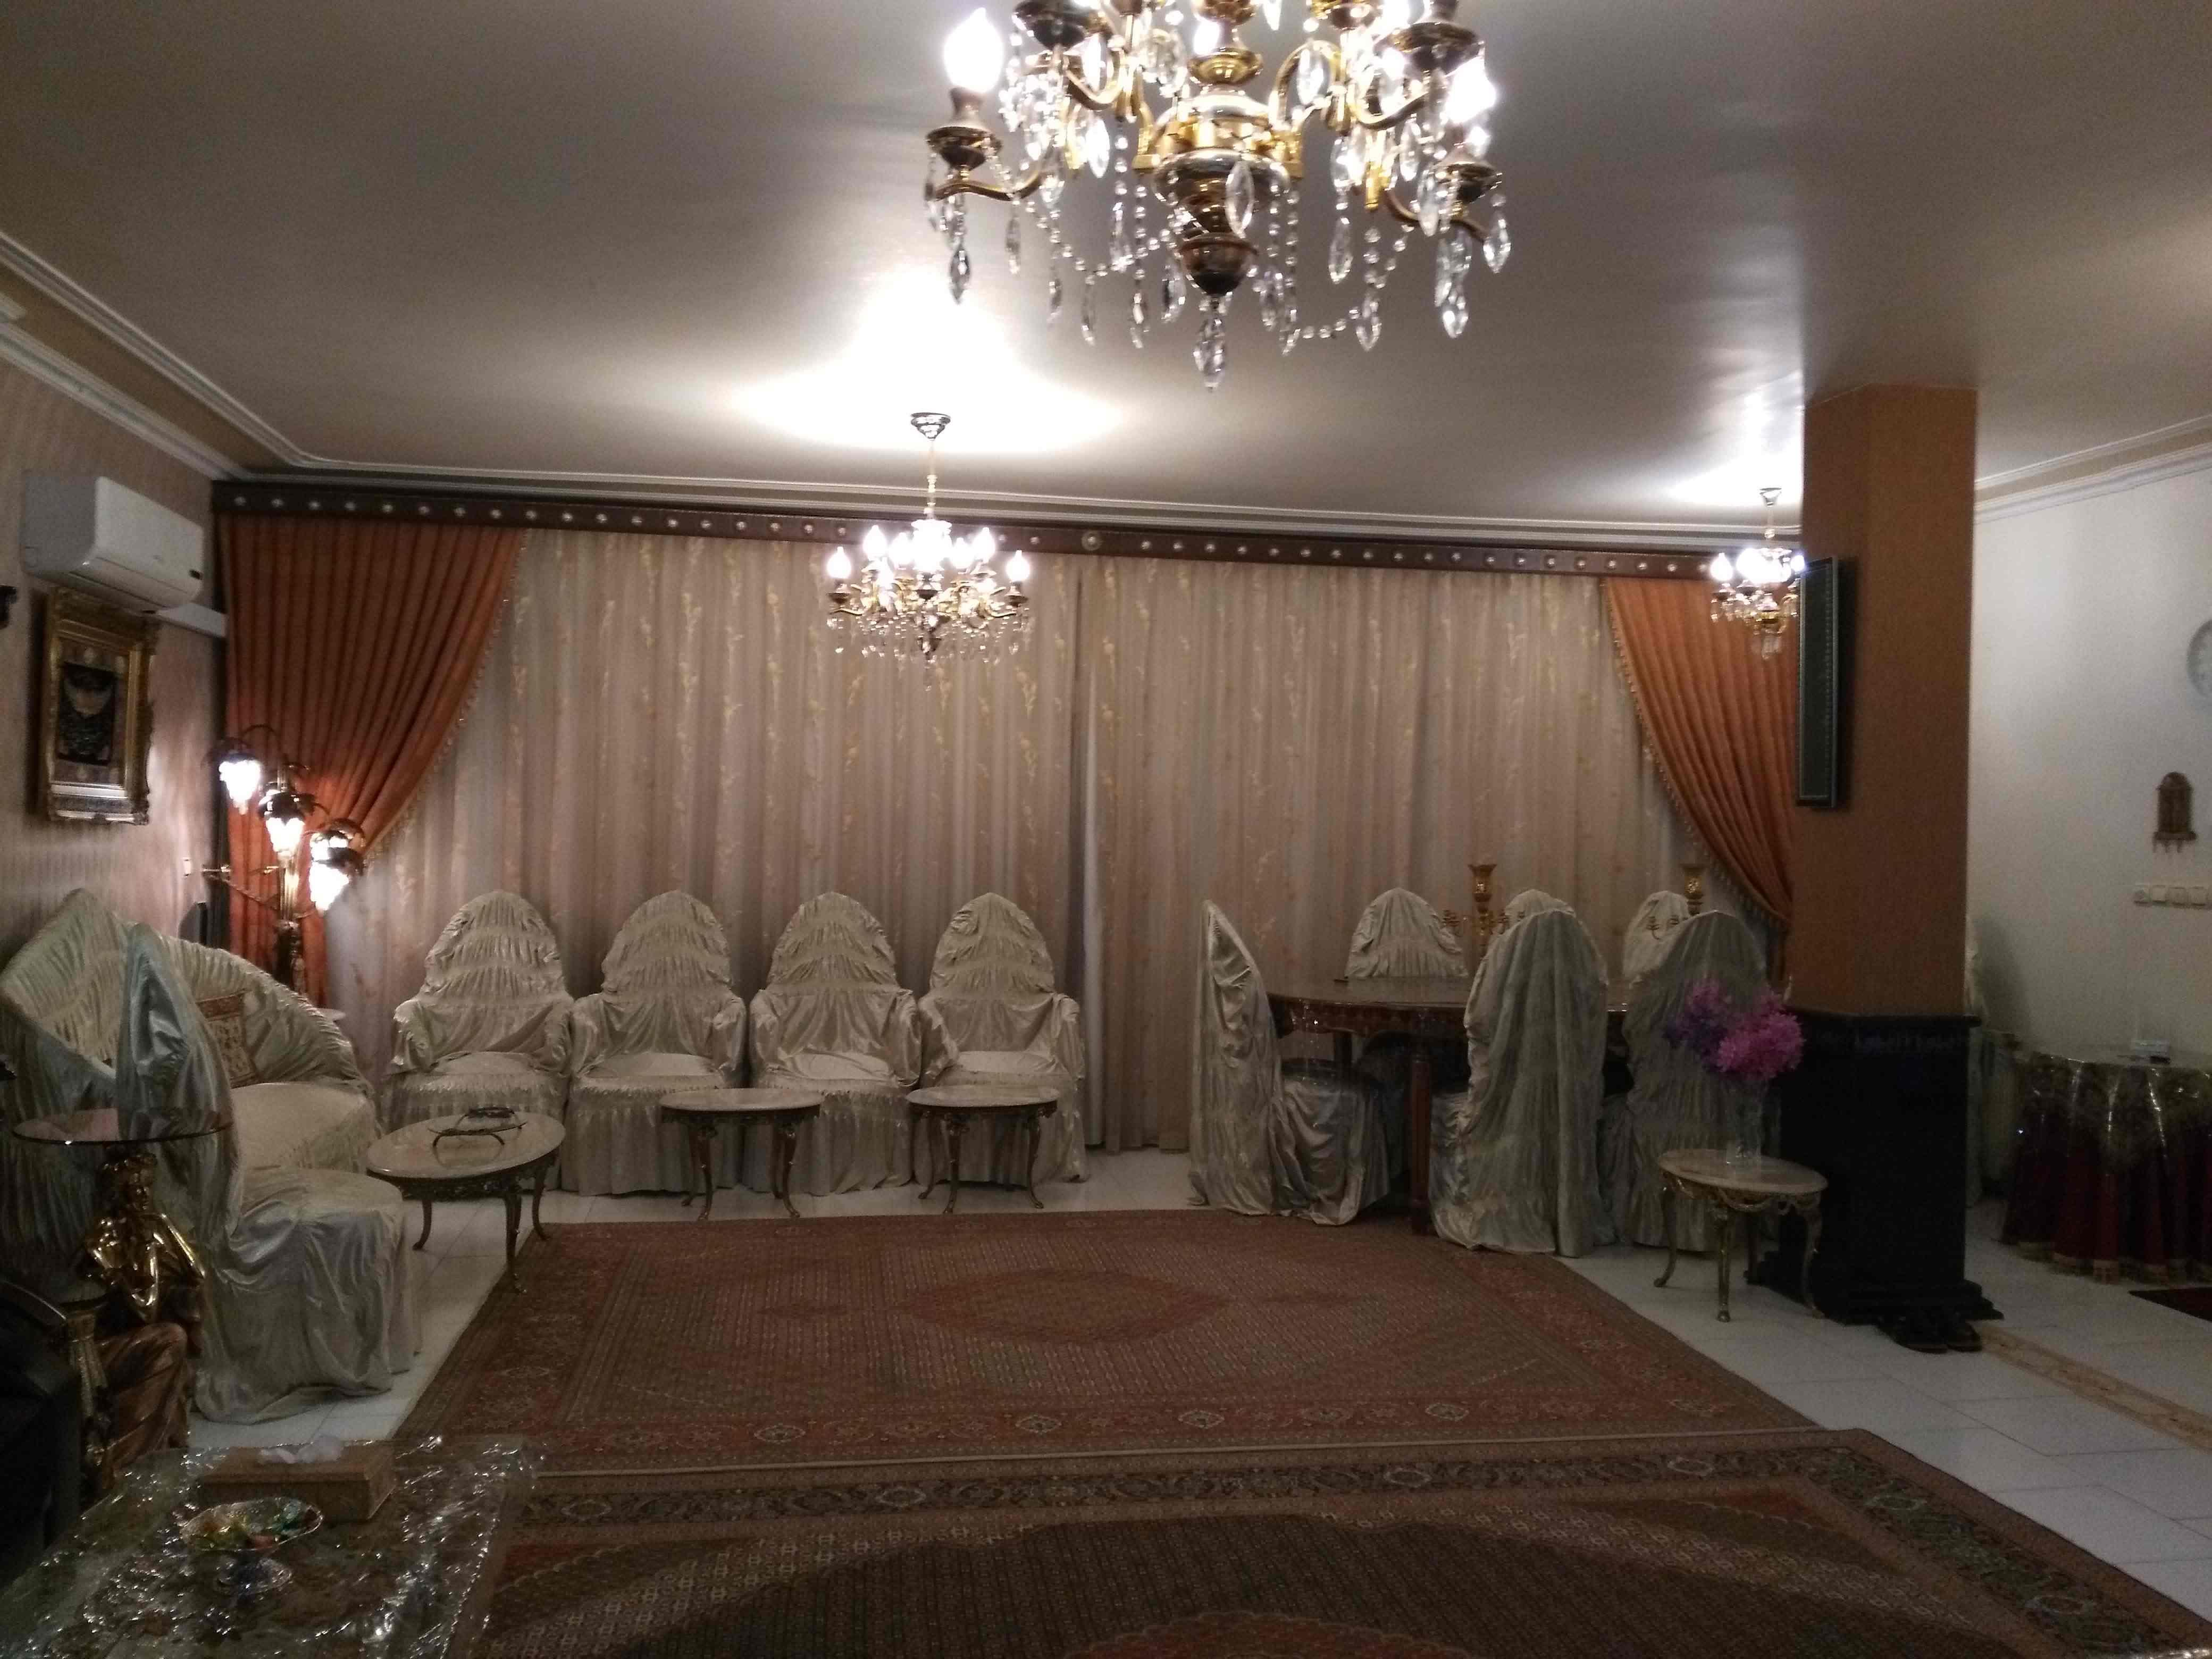 townee خانه مبله لوکس در تبریز آذربایجان شرقی - شماره 2